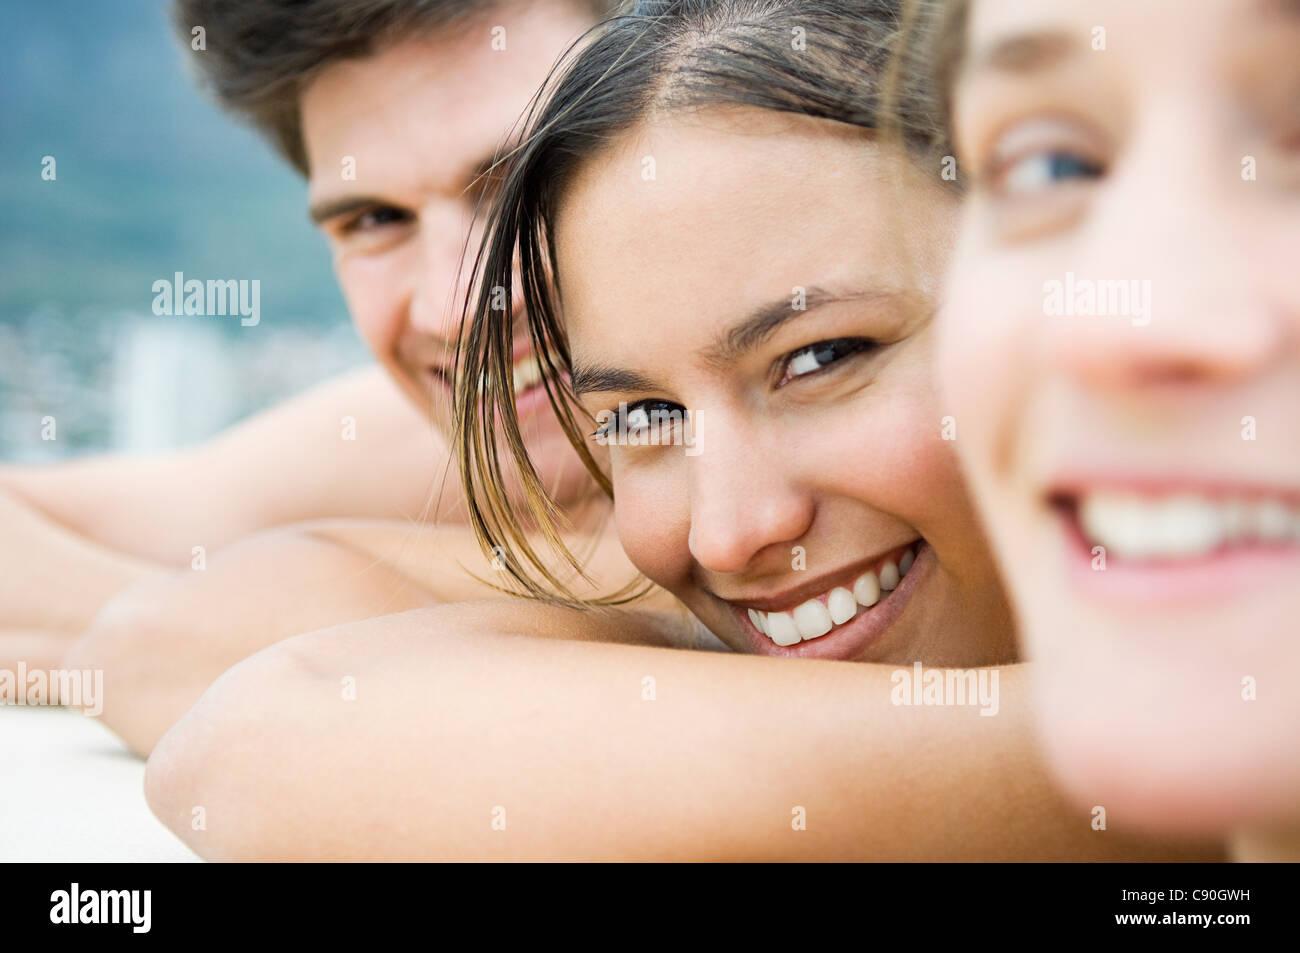 Tre persone, close up ritratto Immagini Stock